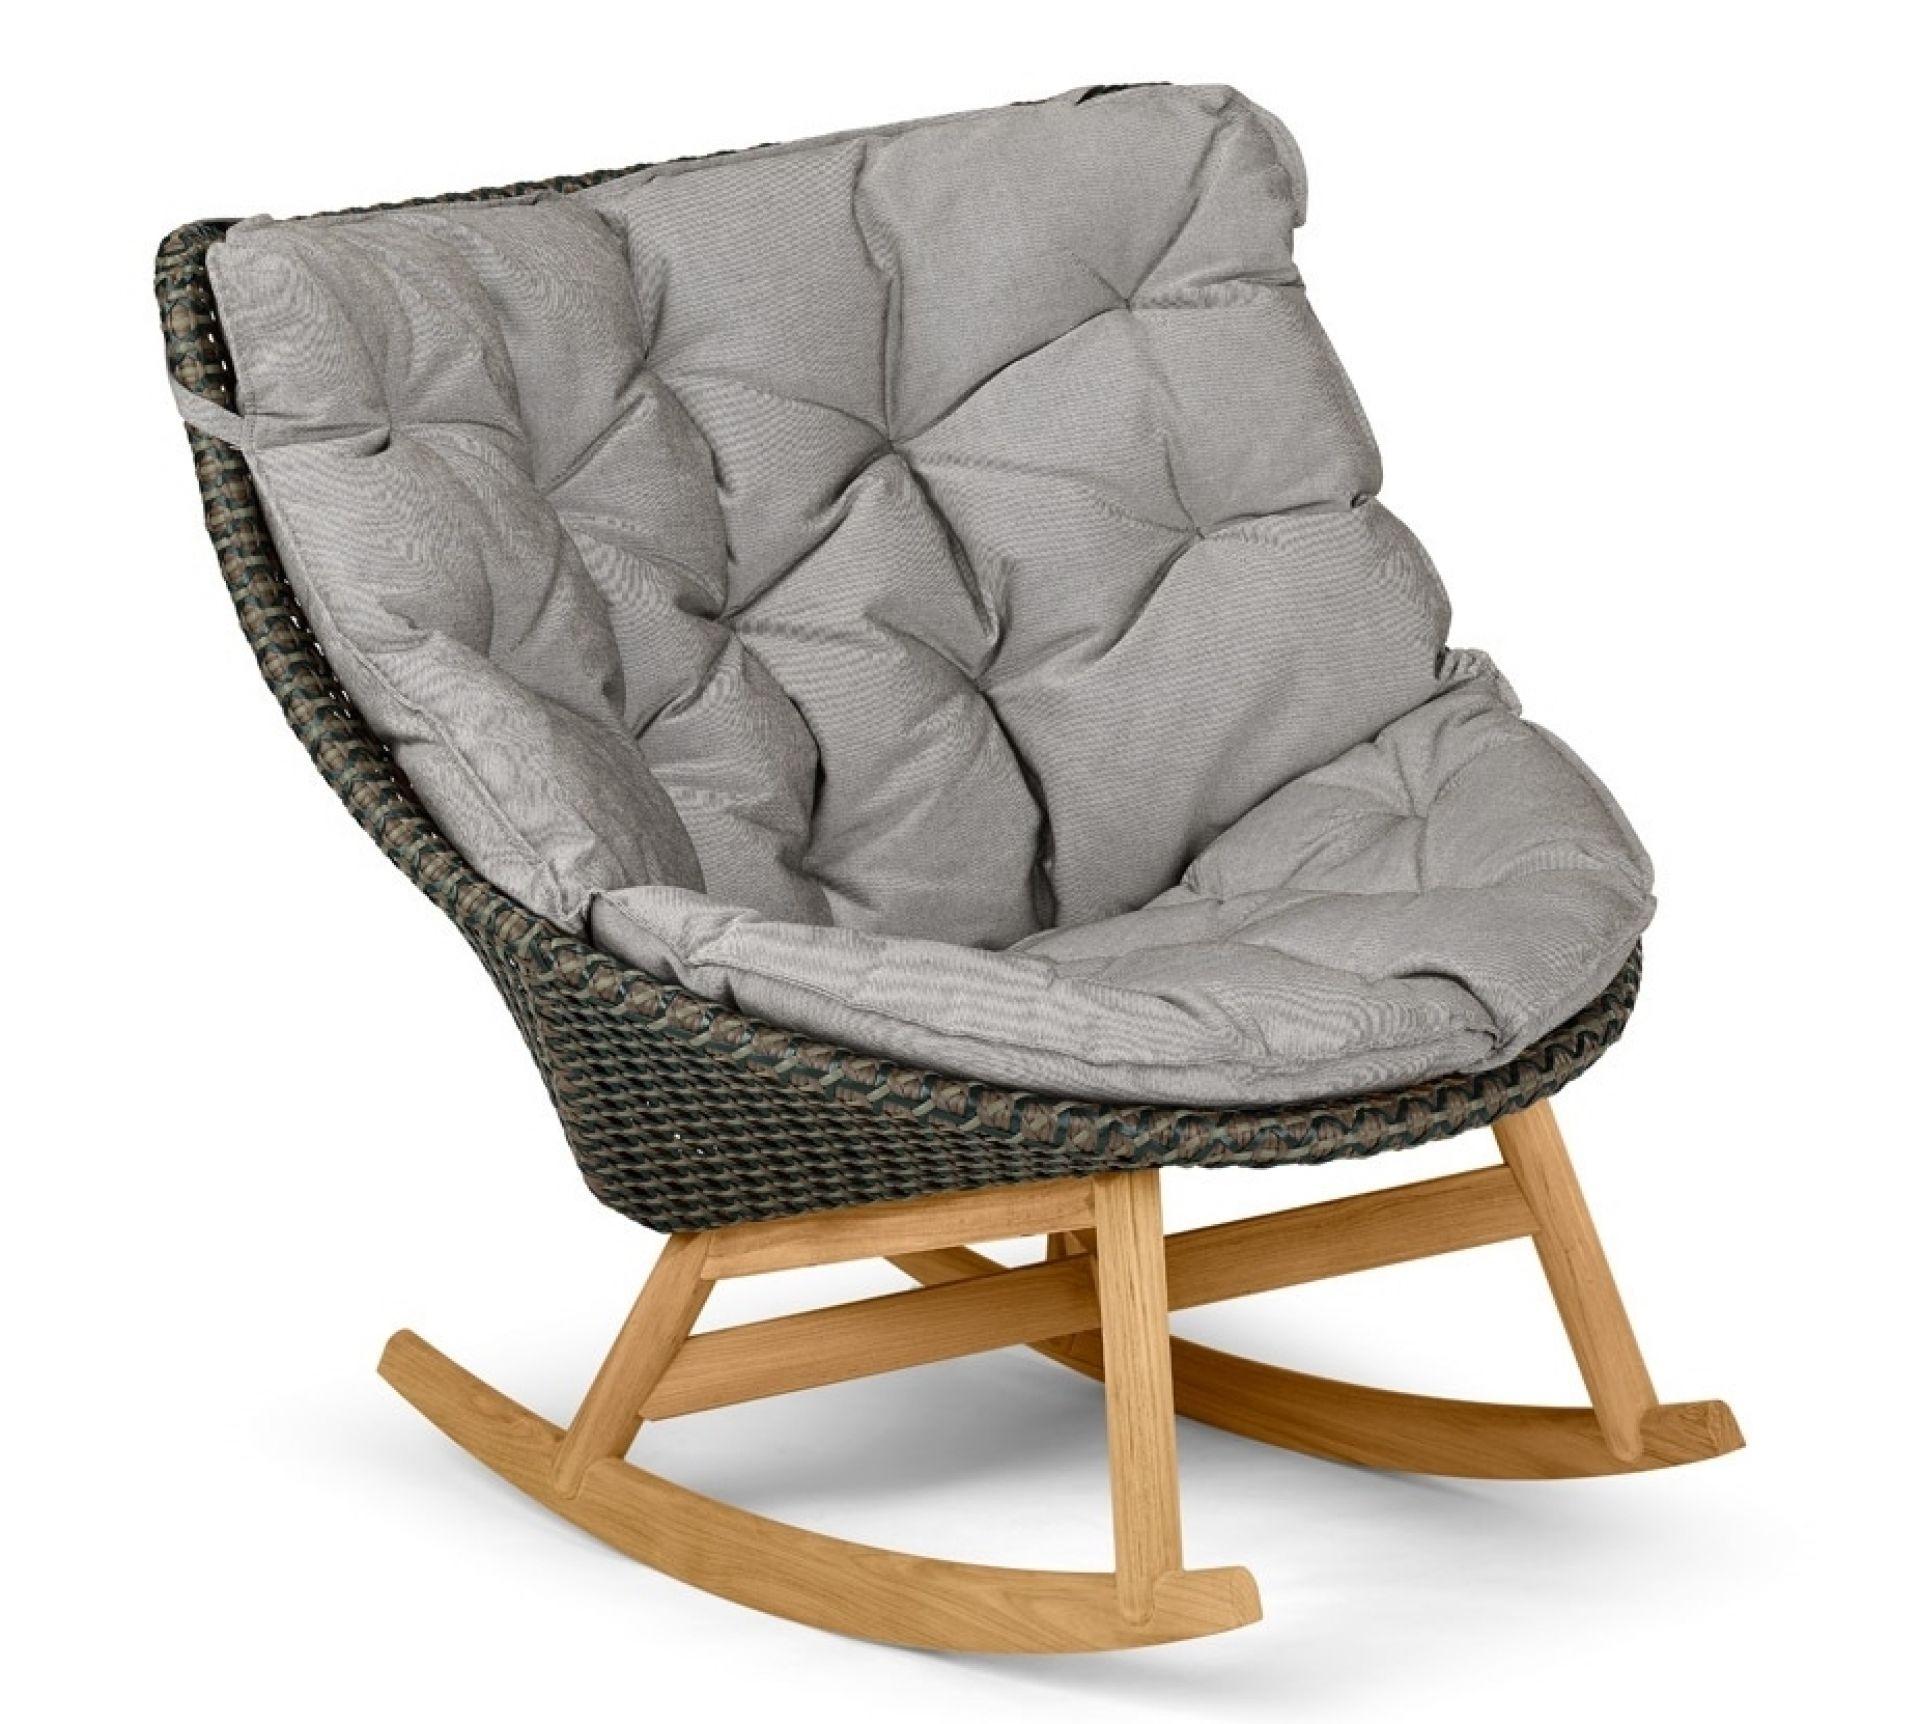 Mbrace rocking chair Schaukelstuhl pepper Dedon